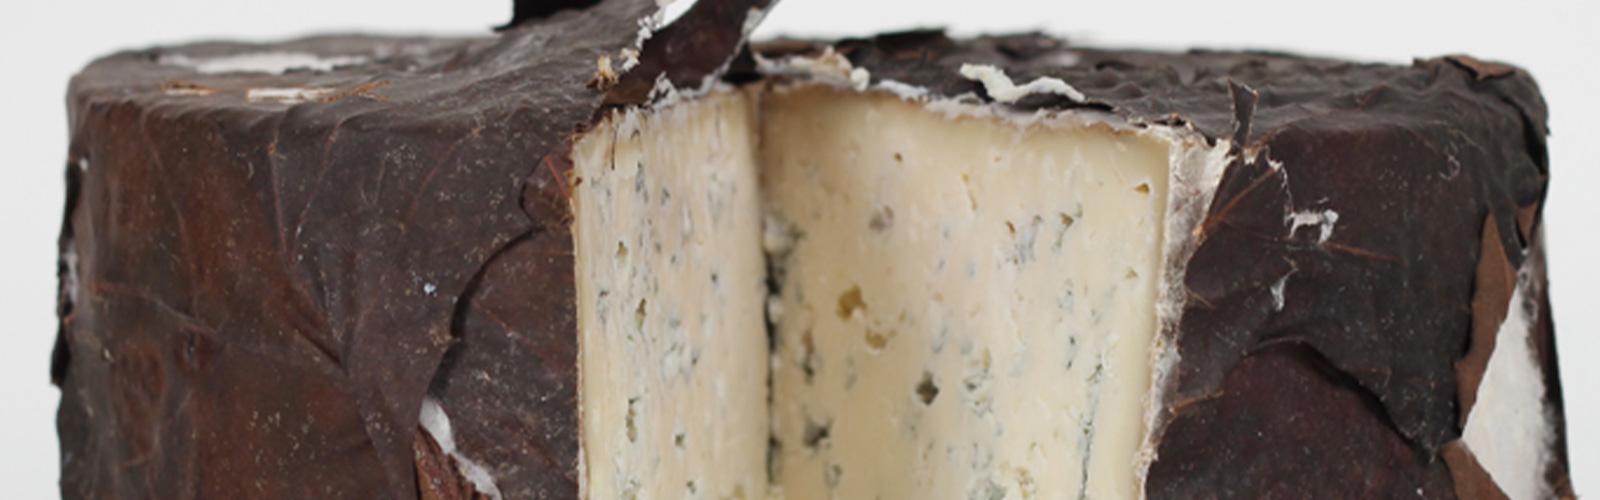 Vega De Llos Picos de Europa Valdeon Cheese